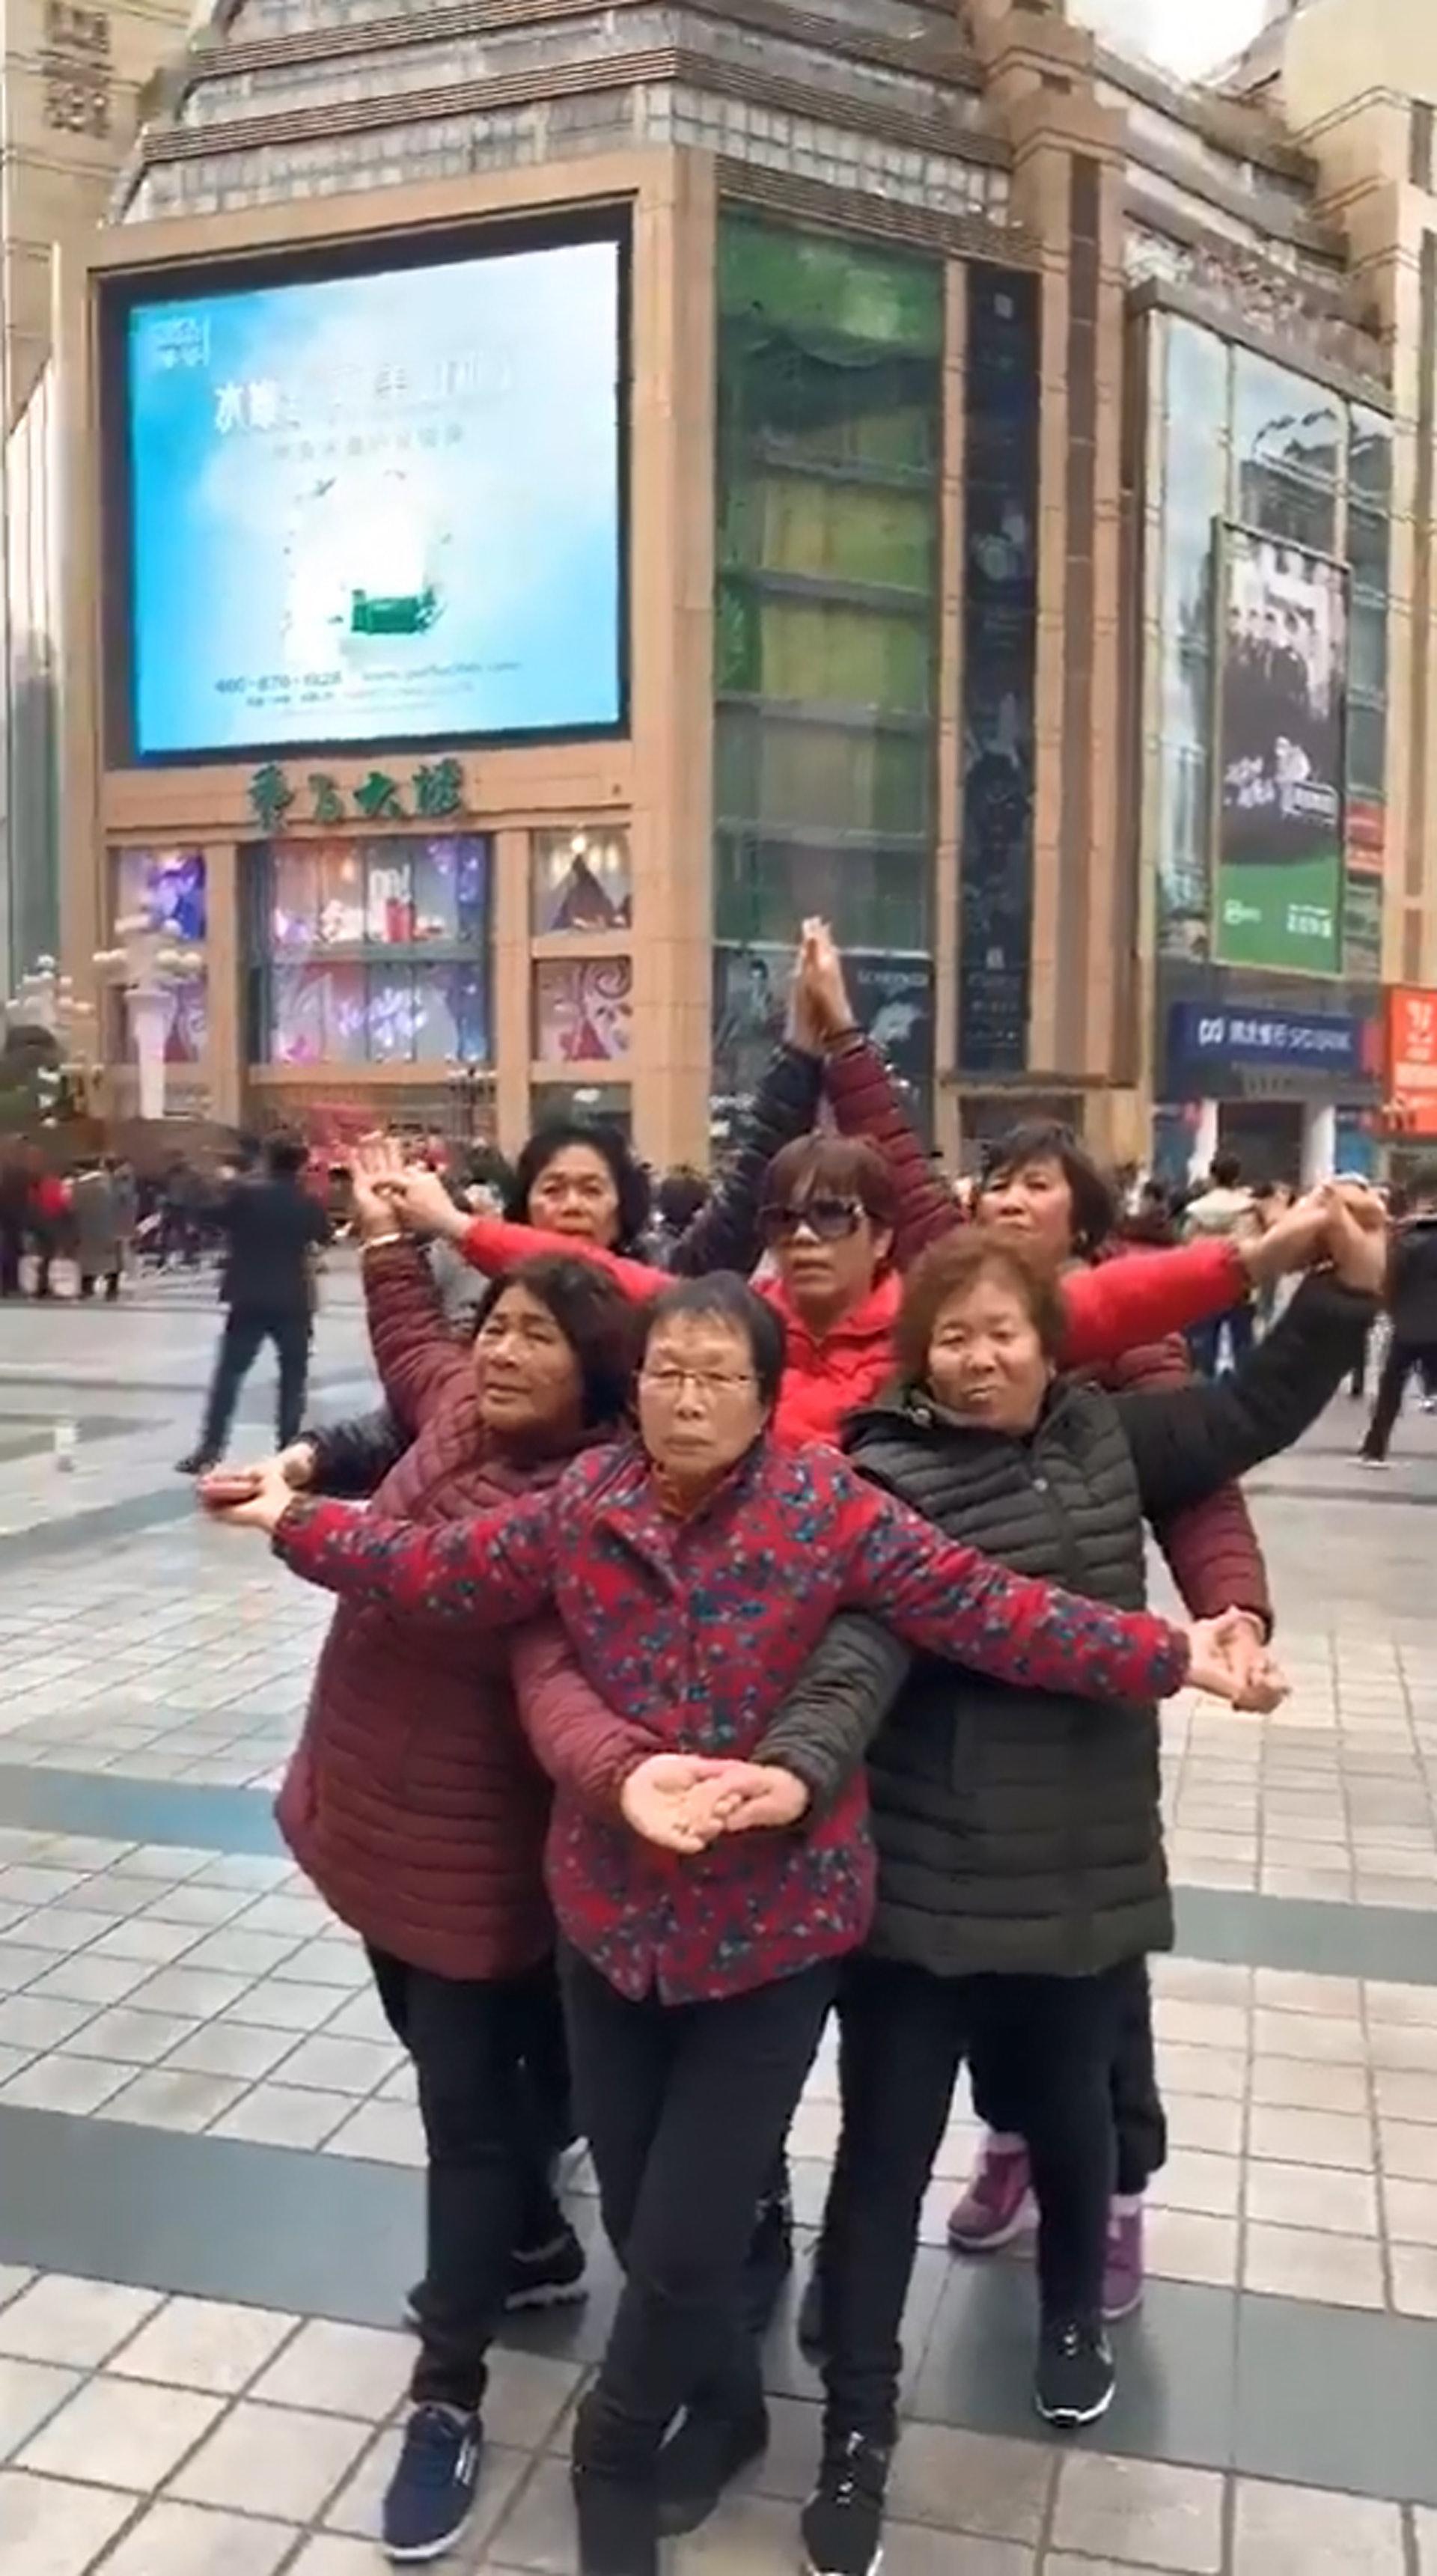 非年輕人專利6重慶大媽擺六芒星陣打卡網民 召喚神明 香港01 熱爆話題